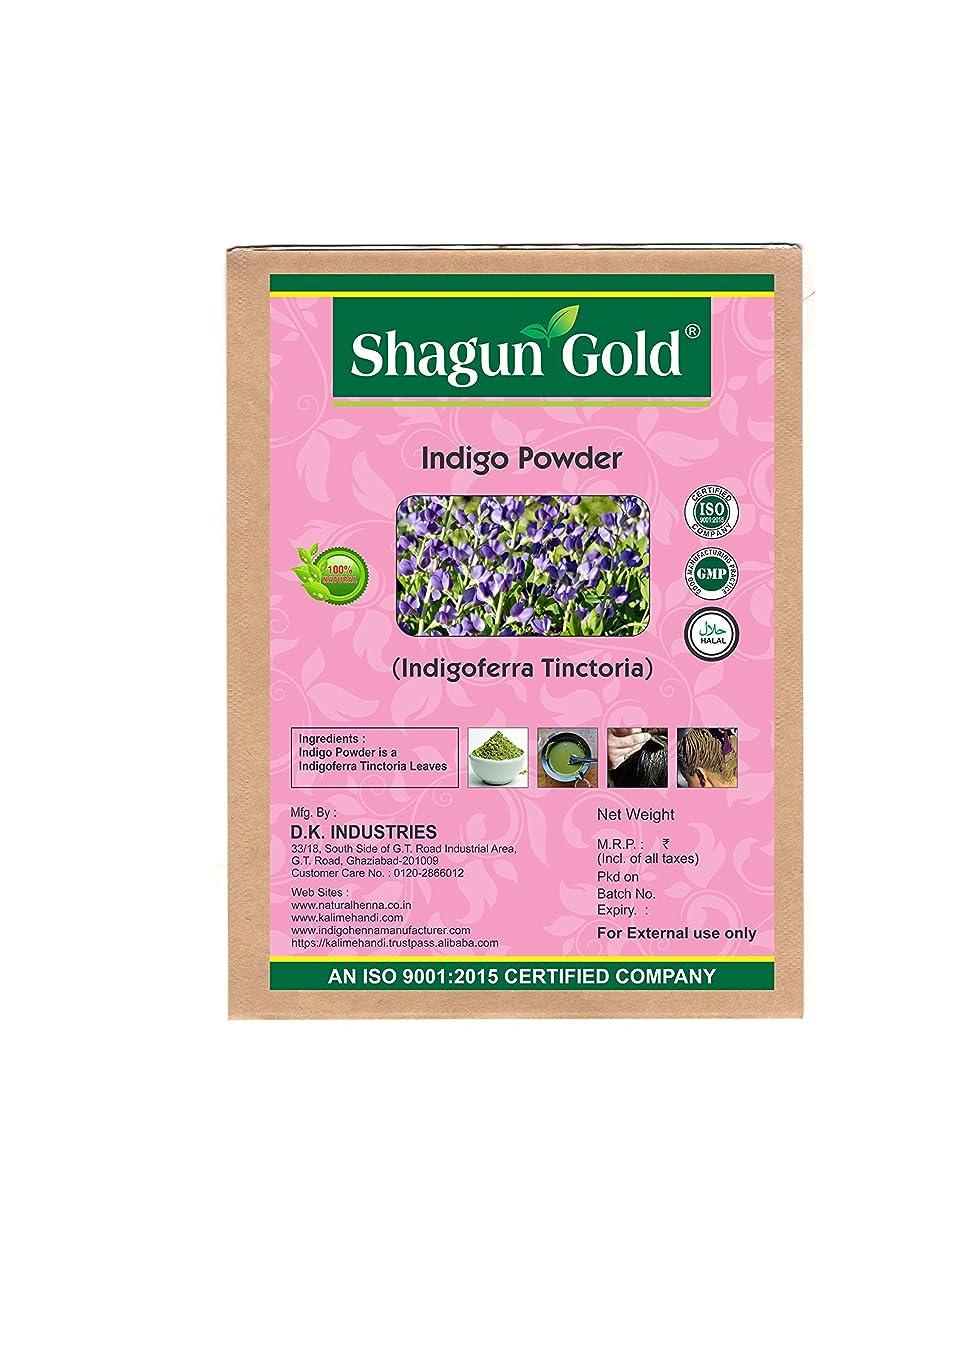 誤解受付祖父母を訪問Shagun Gold A 100% Natural ( Indigofera Tinctoria ) Natural Indigo Powder For Hair Certified By Gmp / Halal / ISO-9001-2015 No Ammonia, No PPD, Chemical Free 176 Oz / ( 11 lb ) / 5Kg